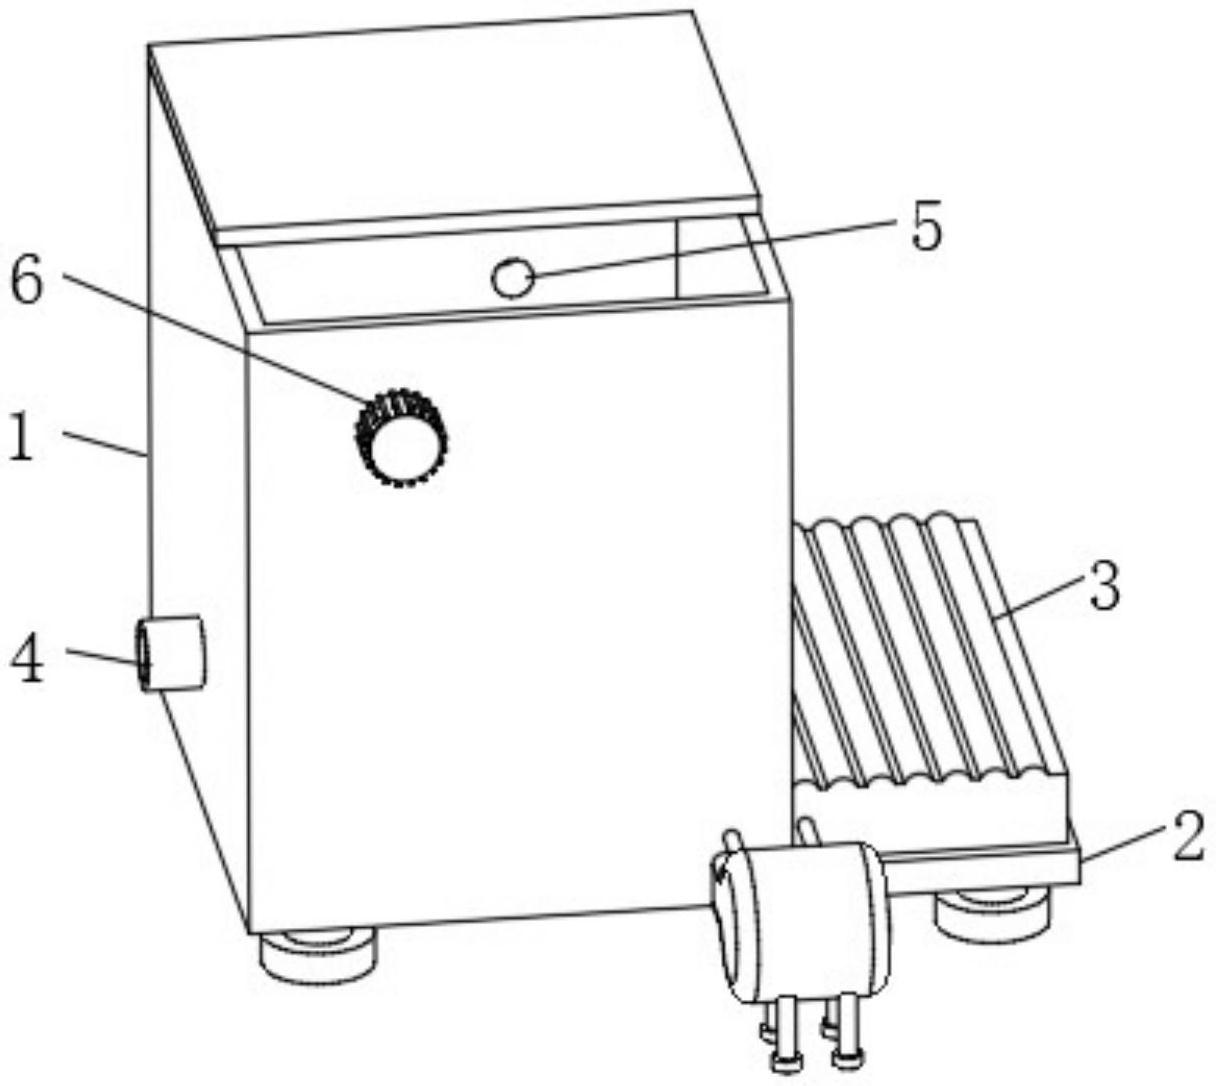 一种利用除臭风冷进行生物反应热降温的节能装置